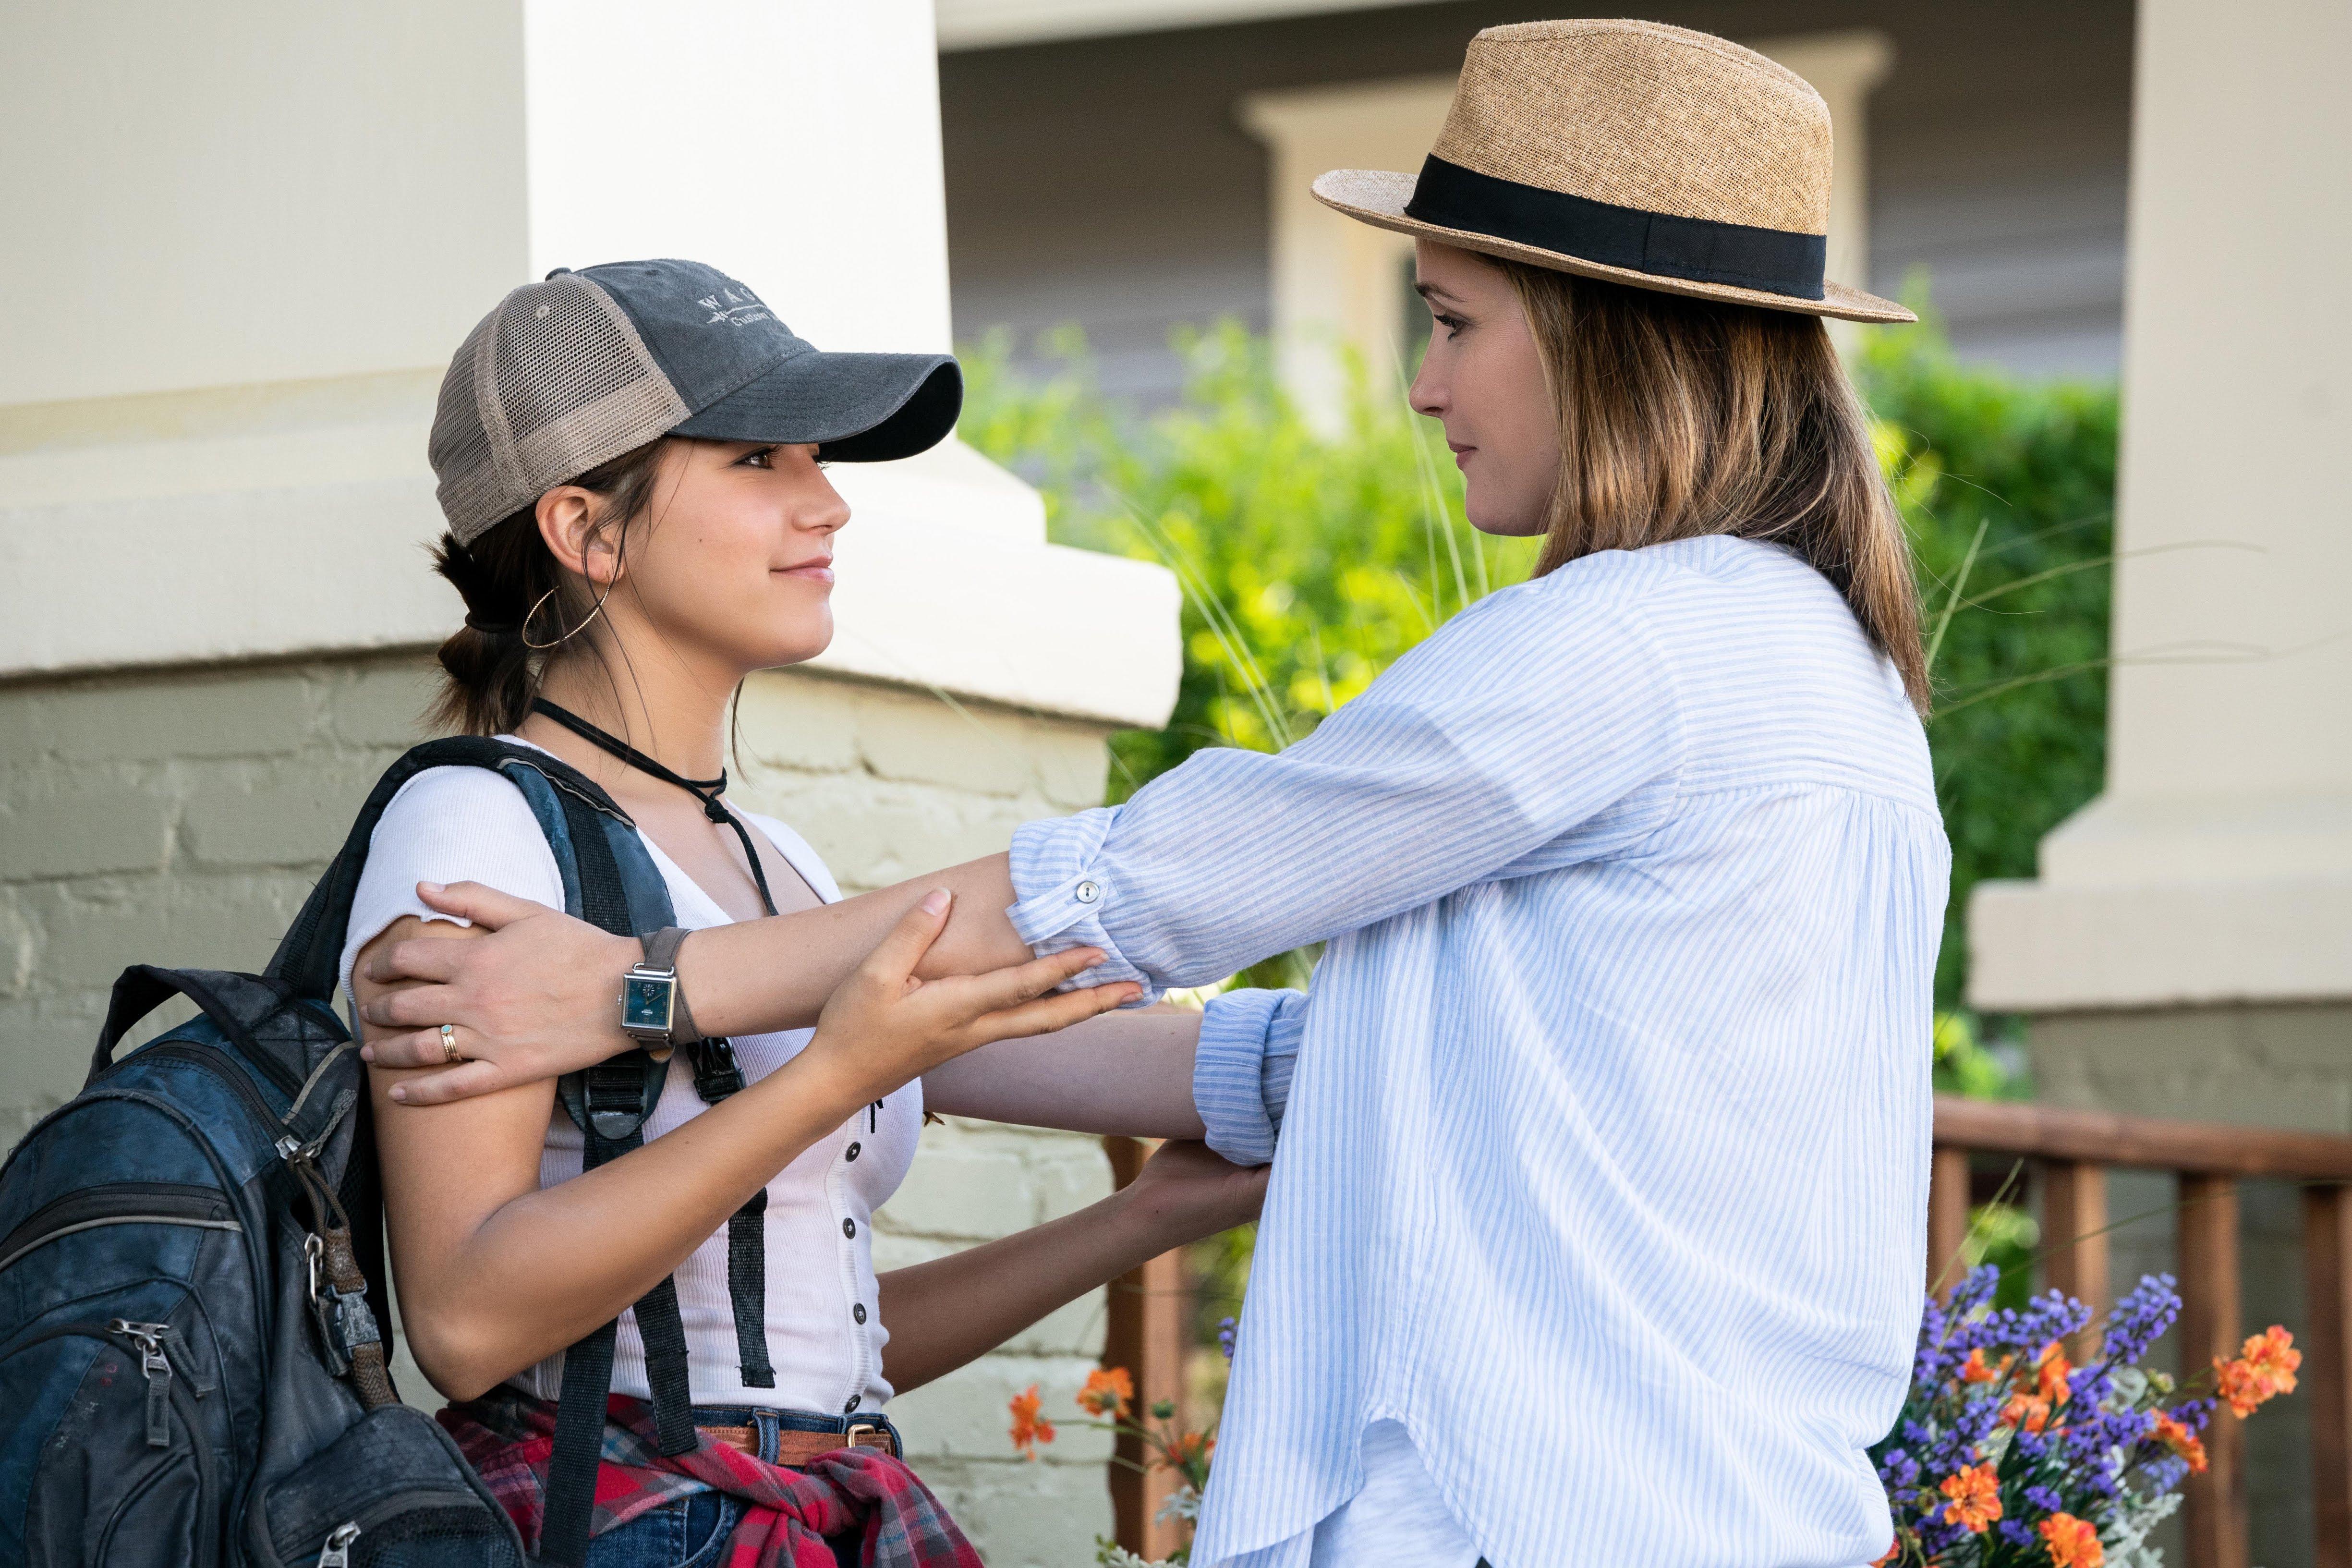 Box Office : 11月16日~18日の全米映画ボックスオフィスTOP5 - 「トランスフォーマー 5」のマーク・ウォールバーグとイザベラ・モナーちゃんが義理の父娘の役で再共演したハートウォーミングな養子縁組の実話のコメディ映画化「インスタント・ファミリー」が好評価に反して、期待値を下まわったガッカリの初登場第4位 ! !